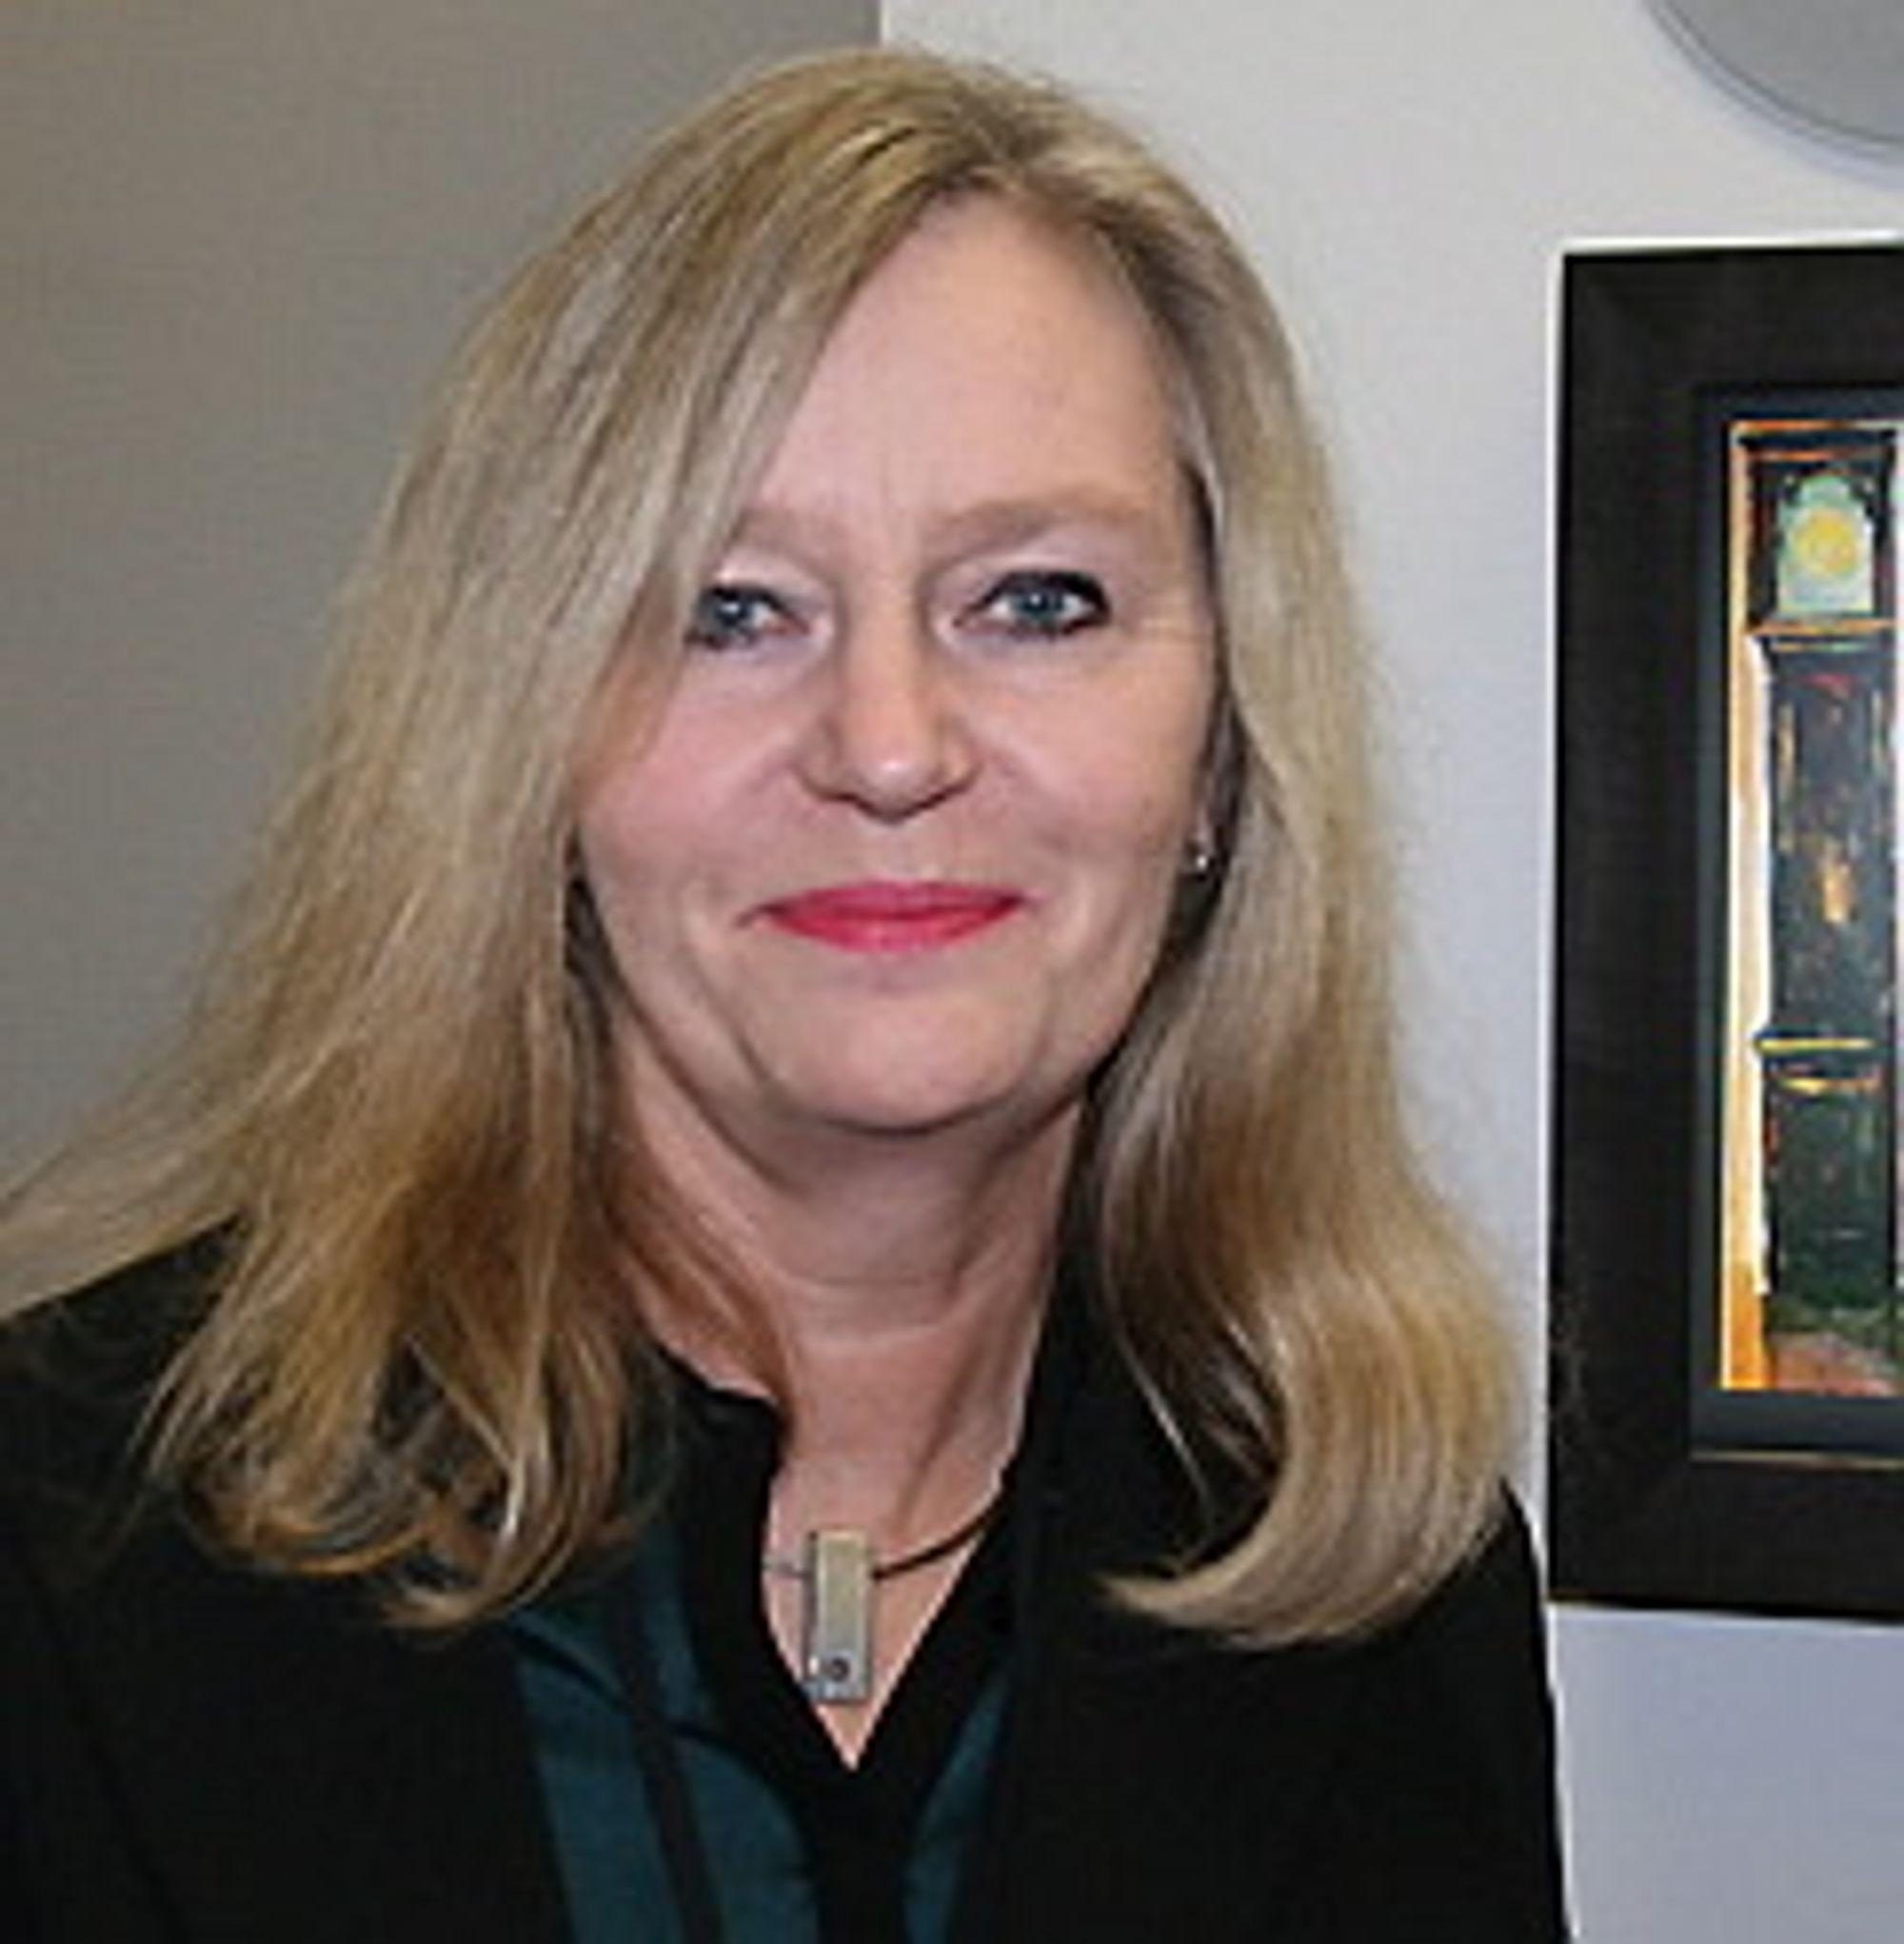 Anne Qvale er spesialrådgiver ved Nasjonalgalleriet for kunst, arkitektur og design i Oslo.